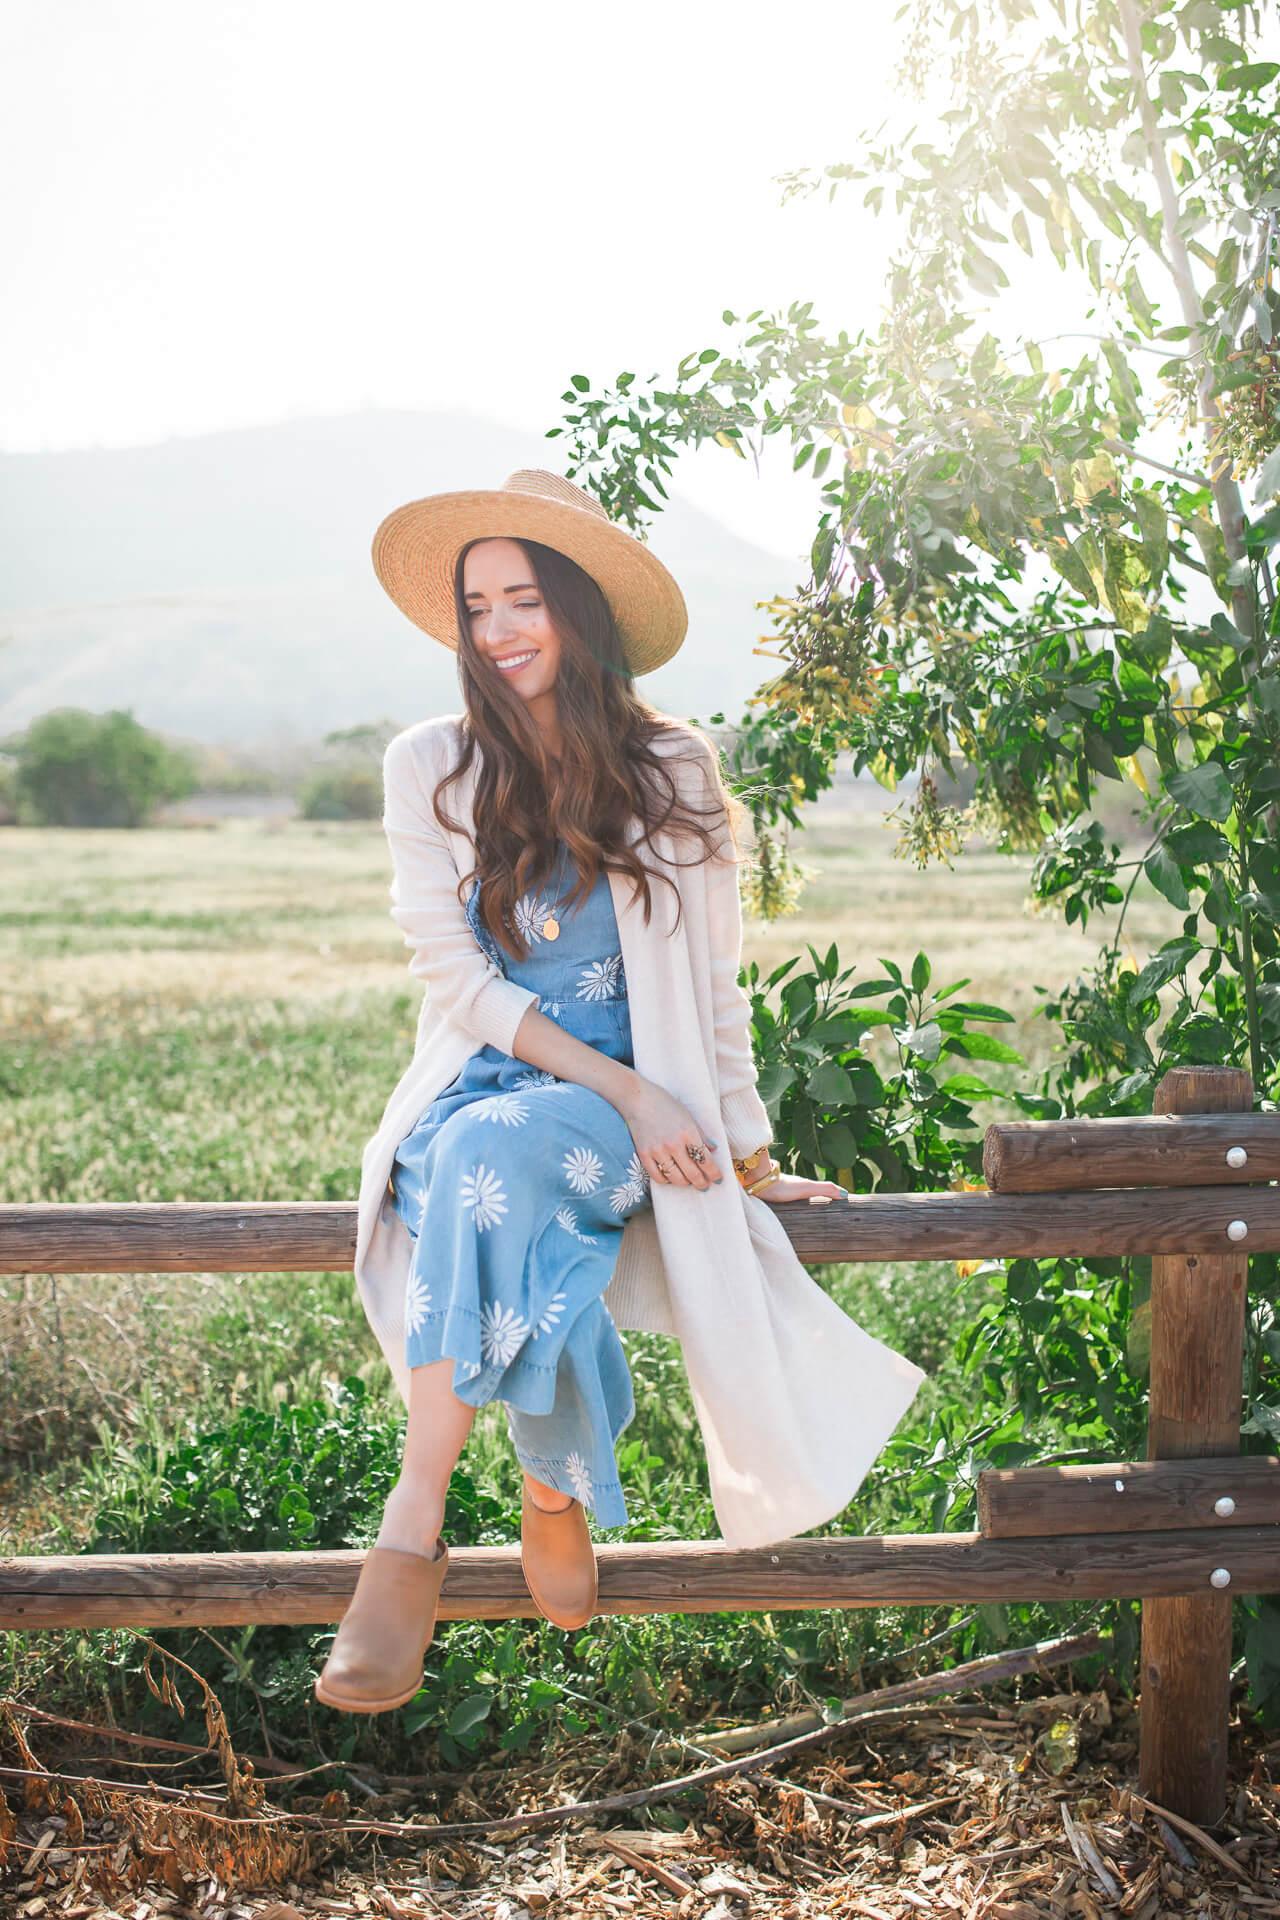 boho feminine style - M Loves M @marmar